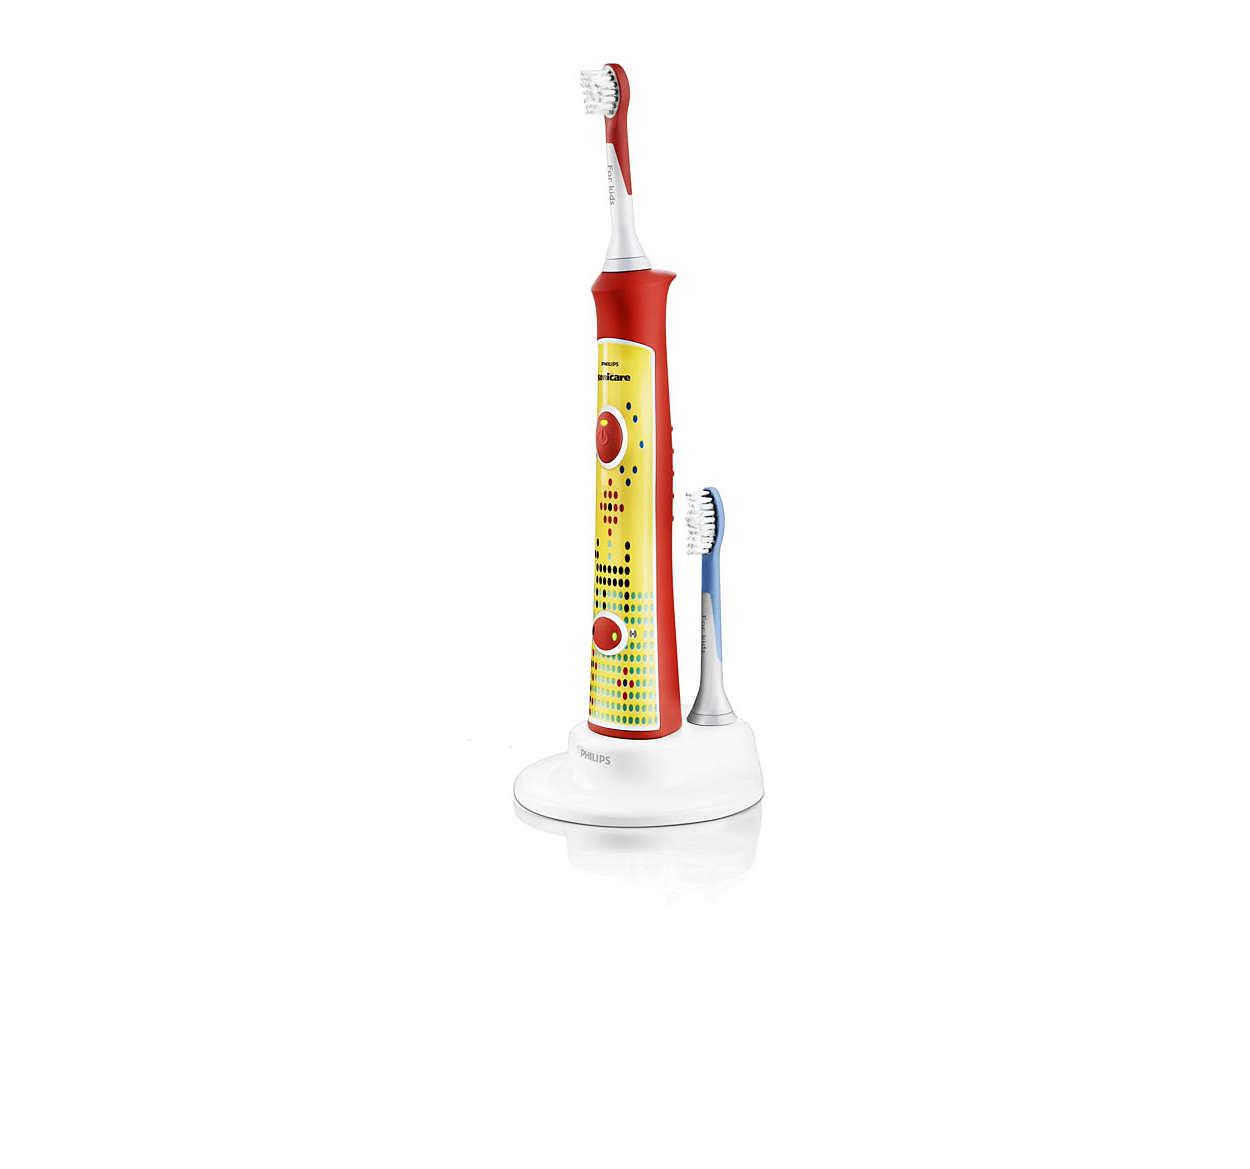 Mendorong kegiatan menyikat gigi yang sehat secara mandiri